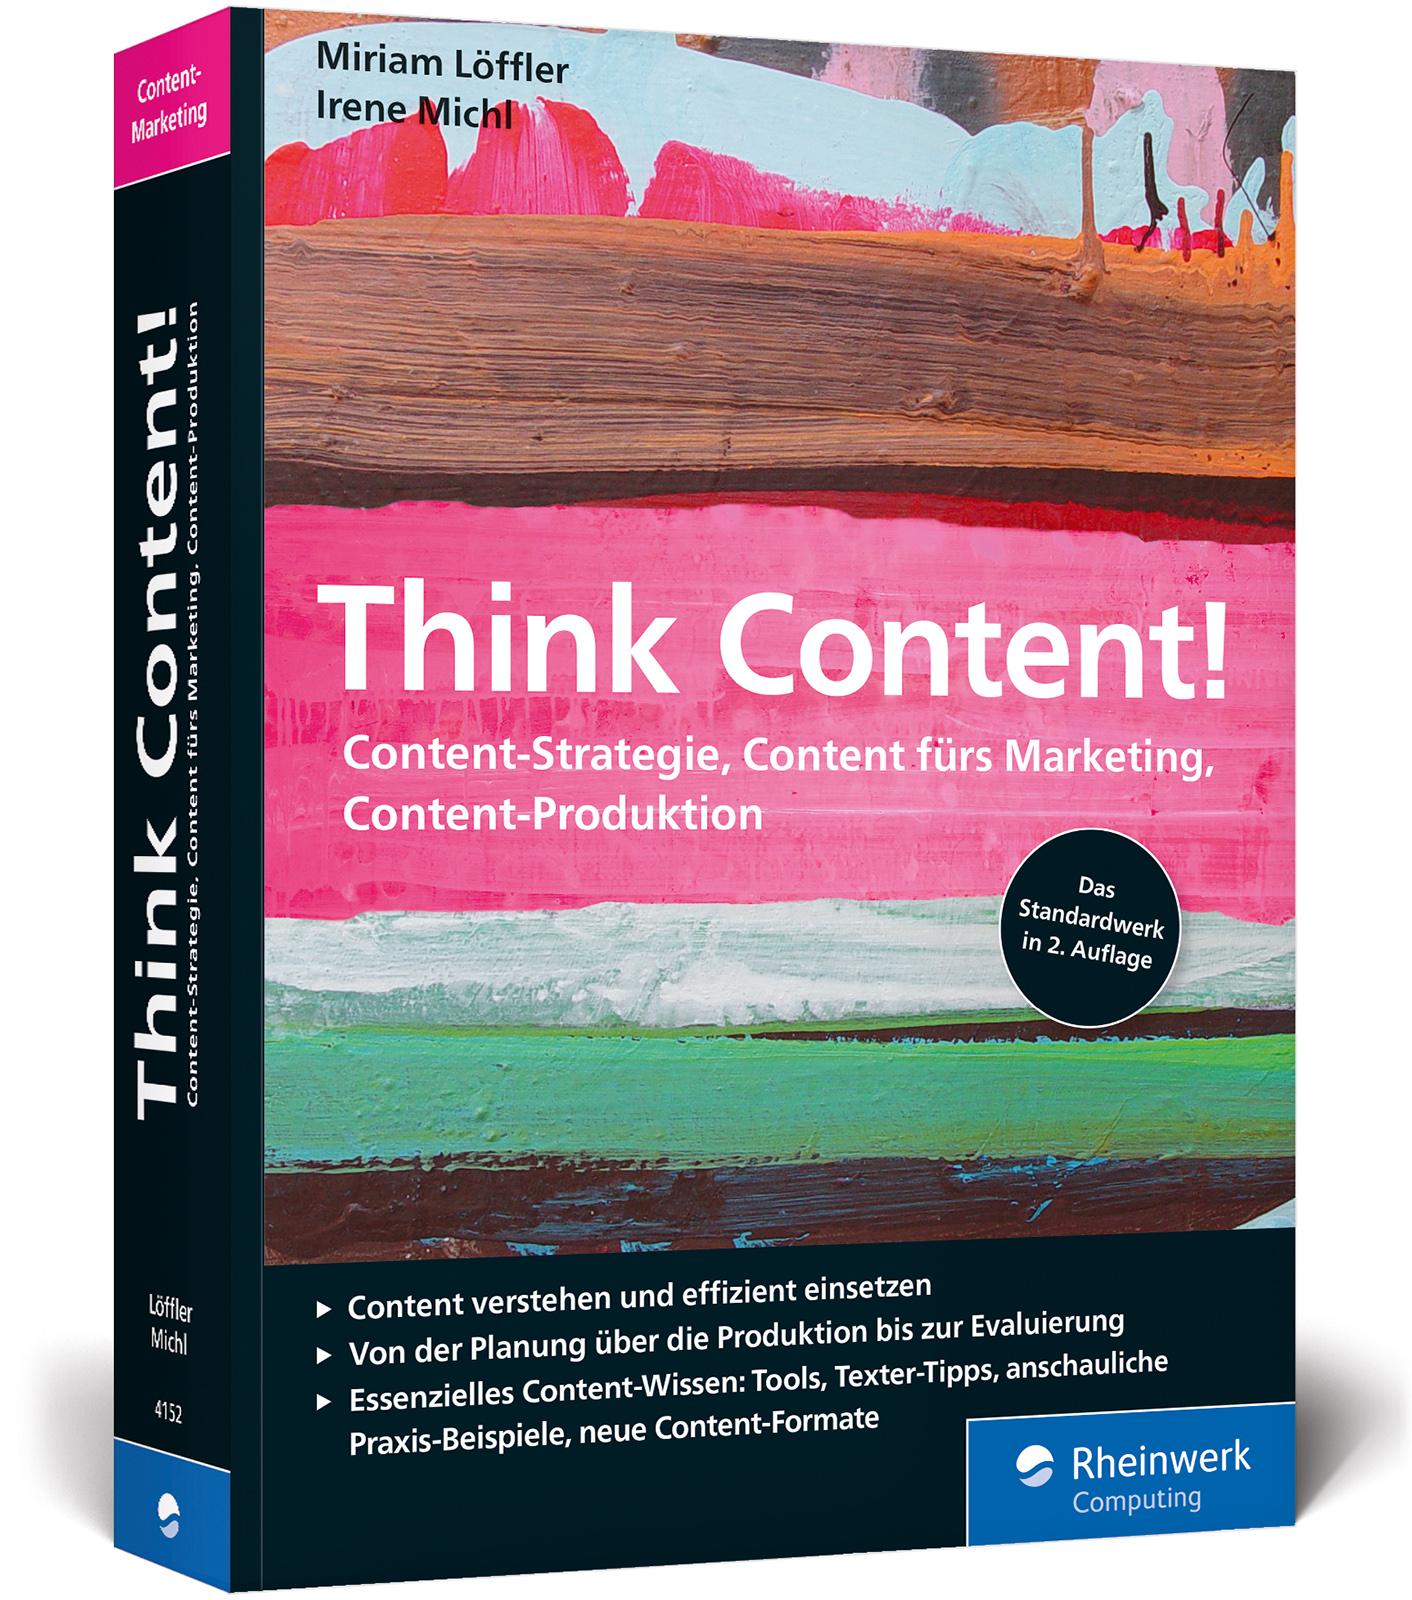 Think Content! Miriam Löffler Taschenbuch